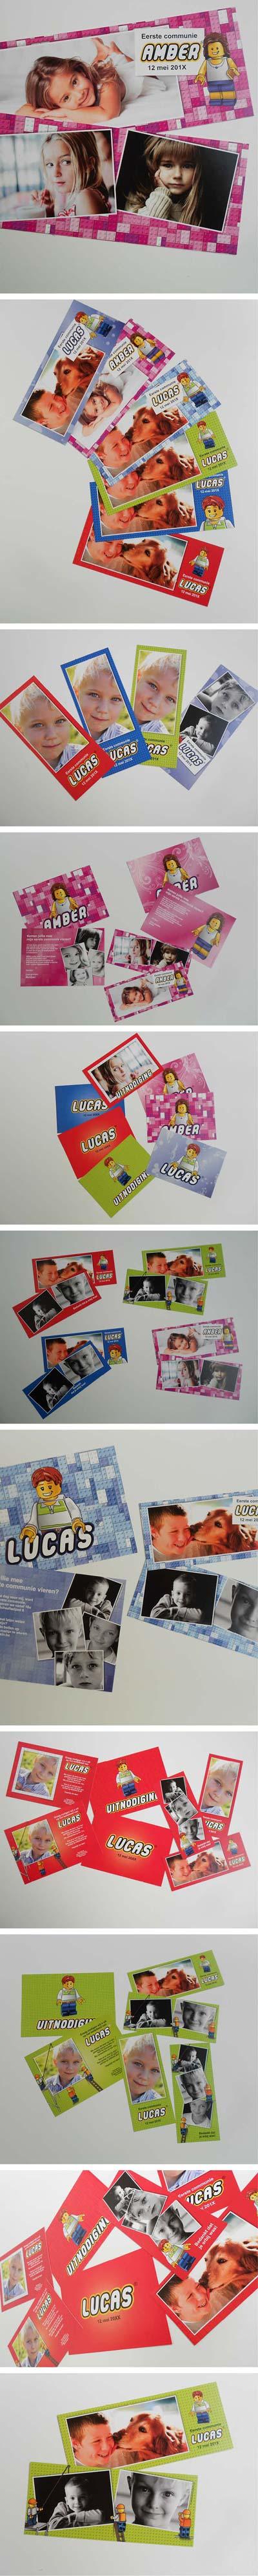 #Lego #communiekaarten. Bezorg foto's en tekst. Wij maken de #communiekaartjes. Proef via e-mail. Na goedkeuring leveren we drukwerk.  http://www.kaartencollectie.be/nl/communiekaart-lego-1030.htm